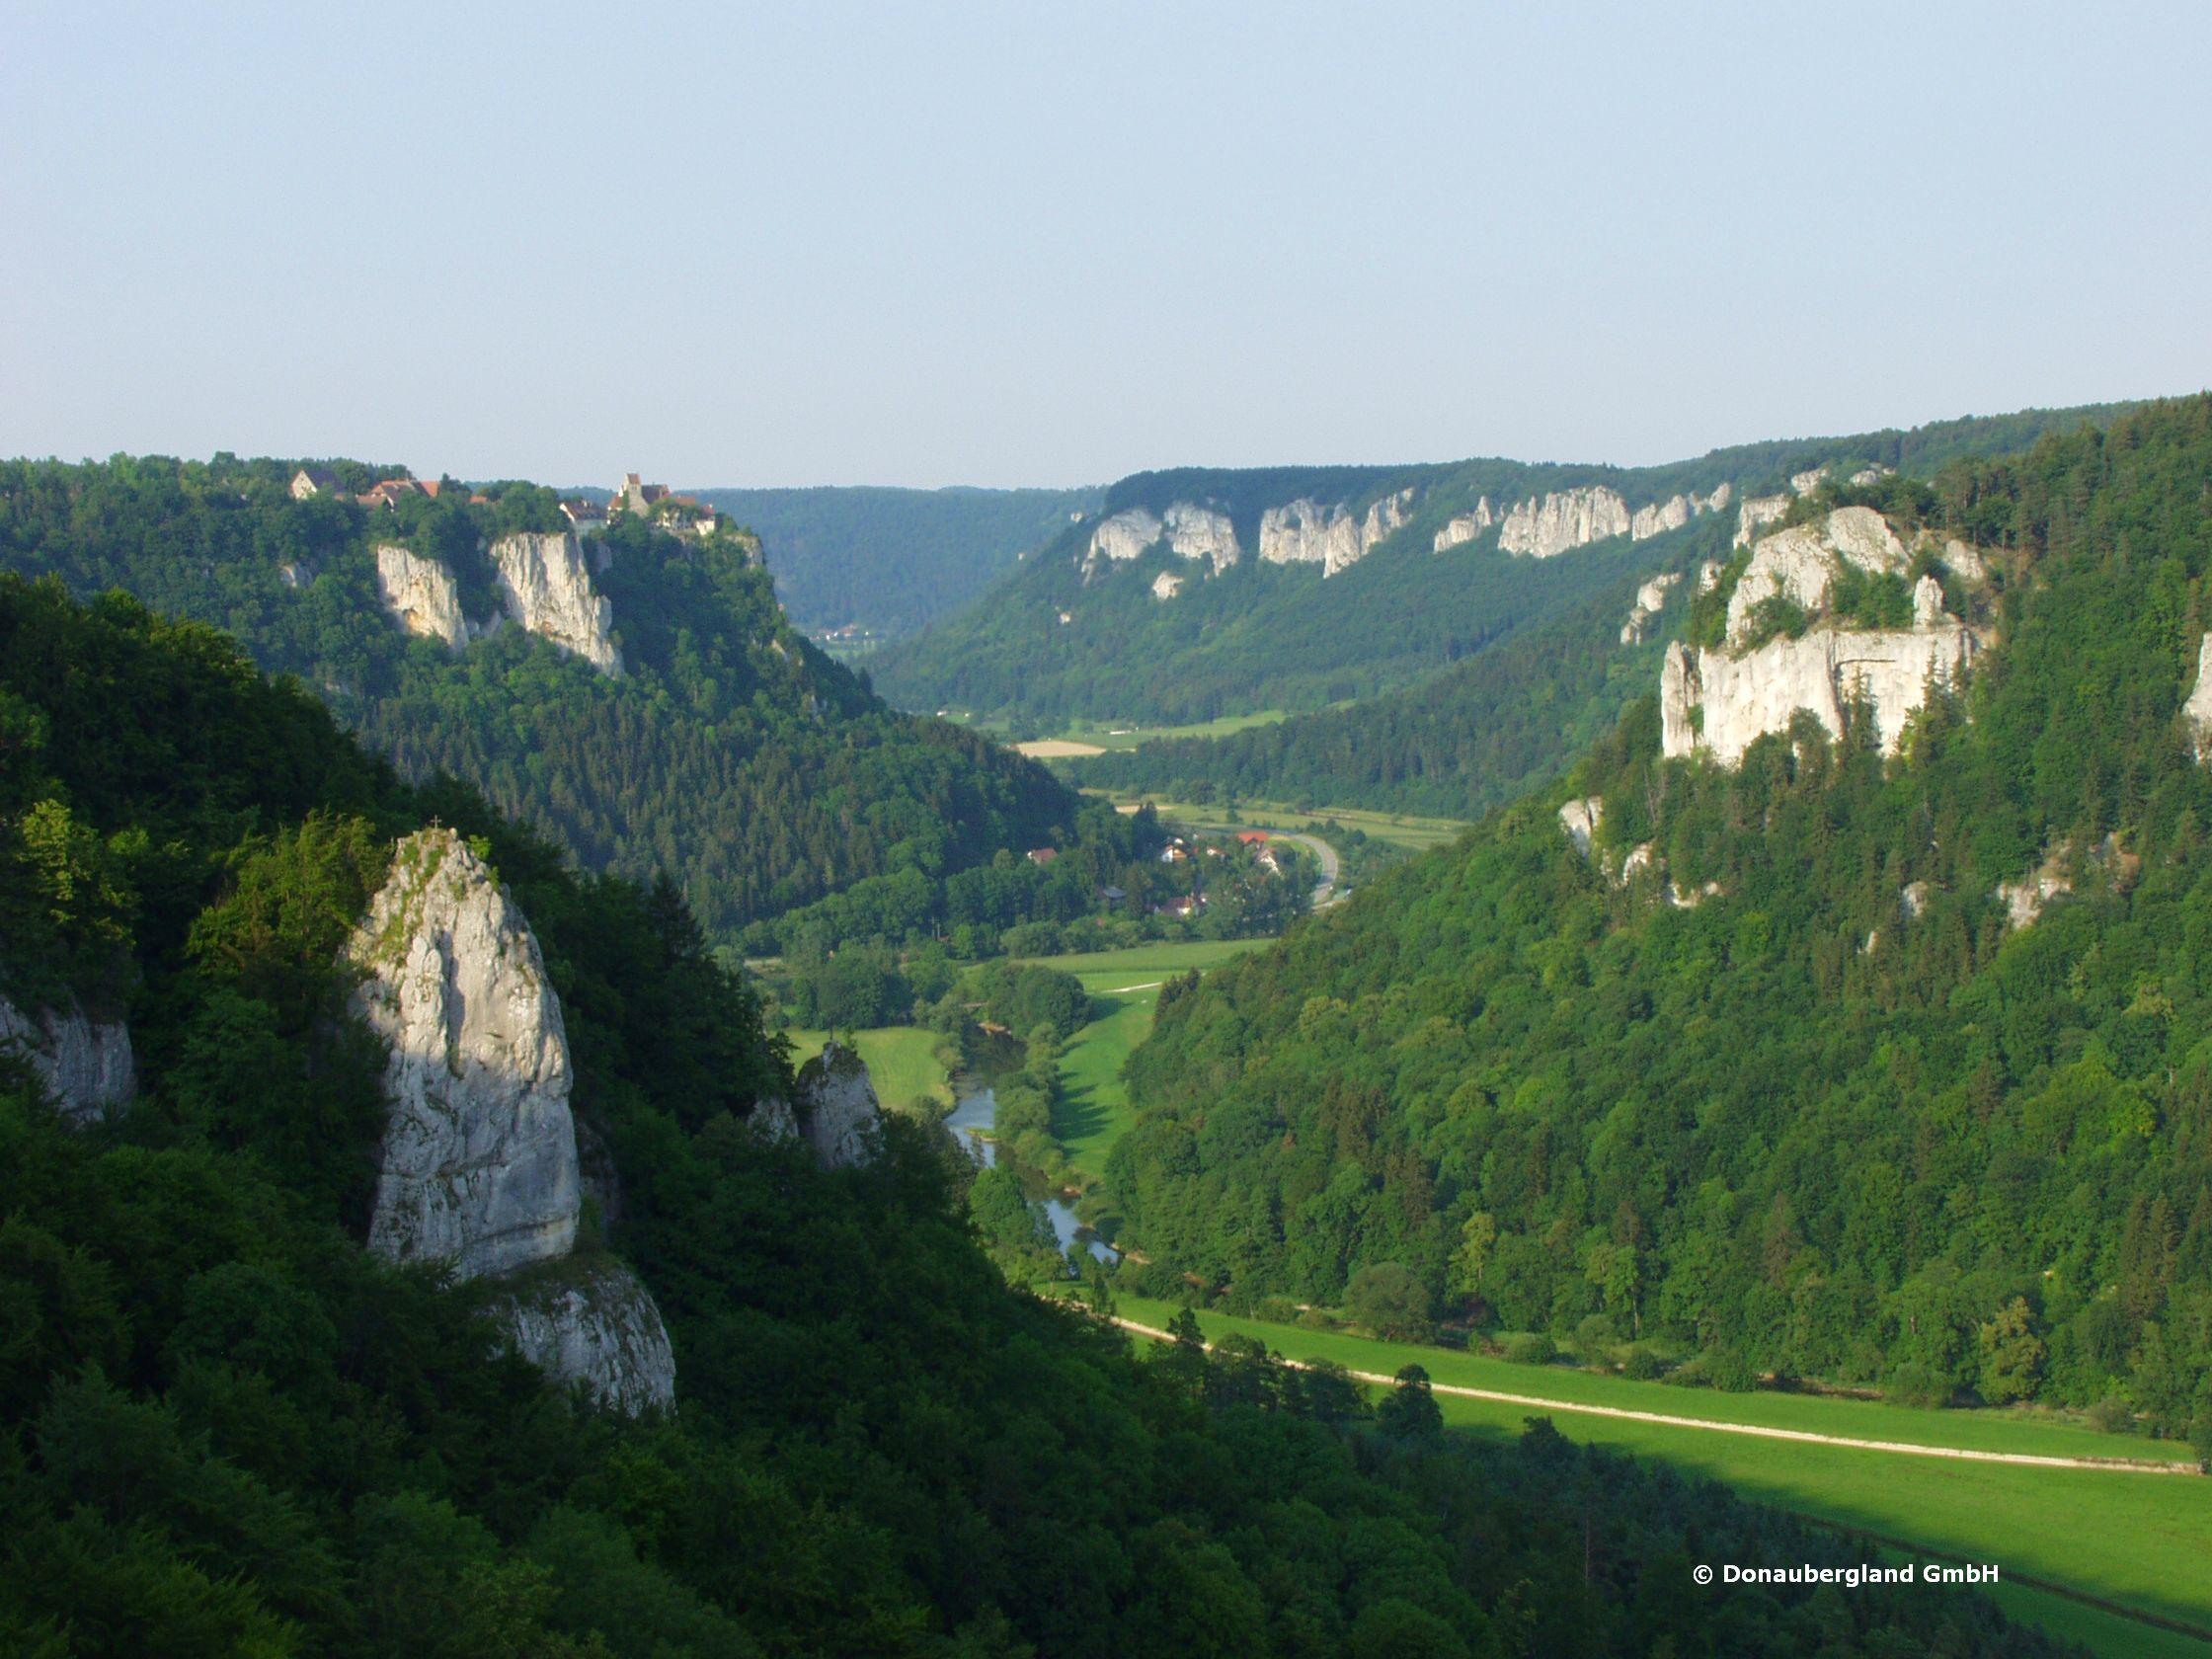 donautal-panoramablick-vom-eichfelsen